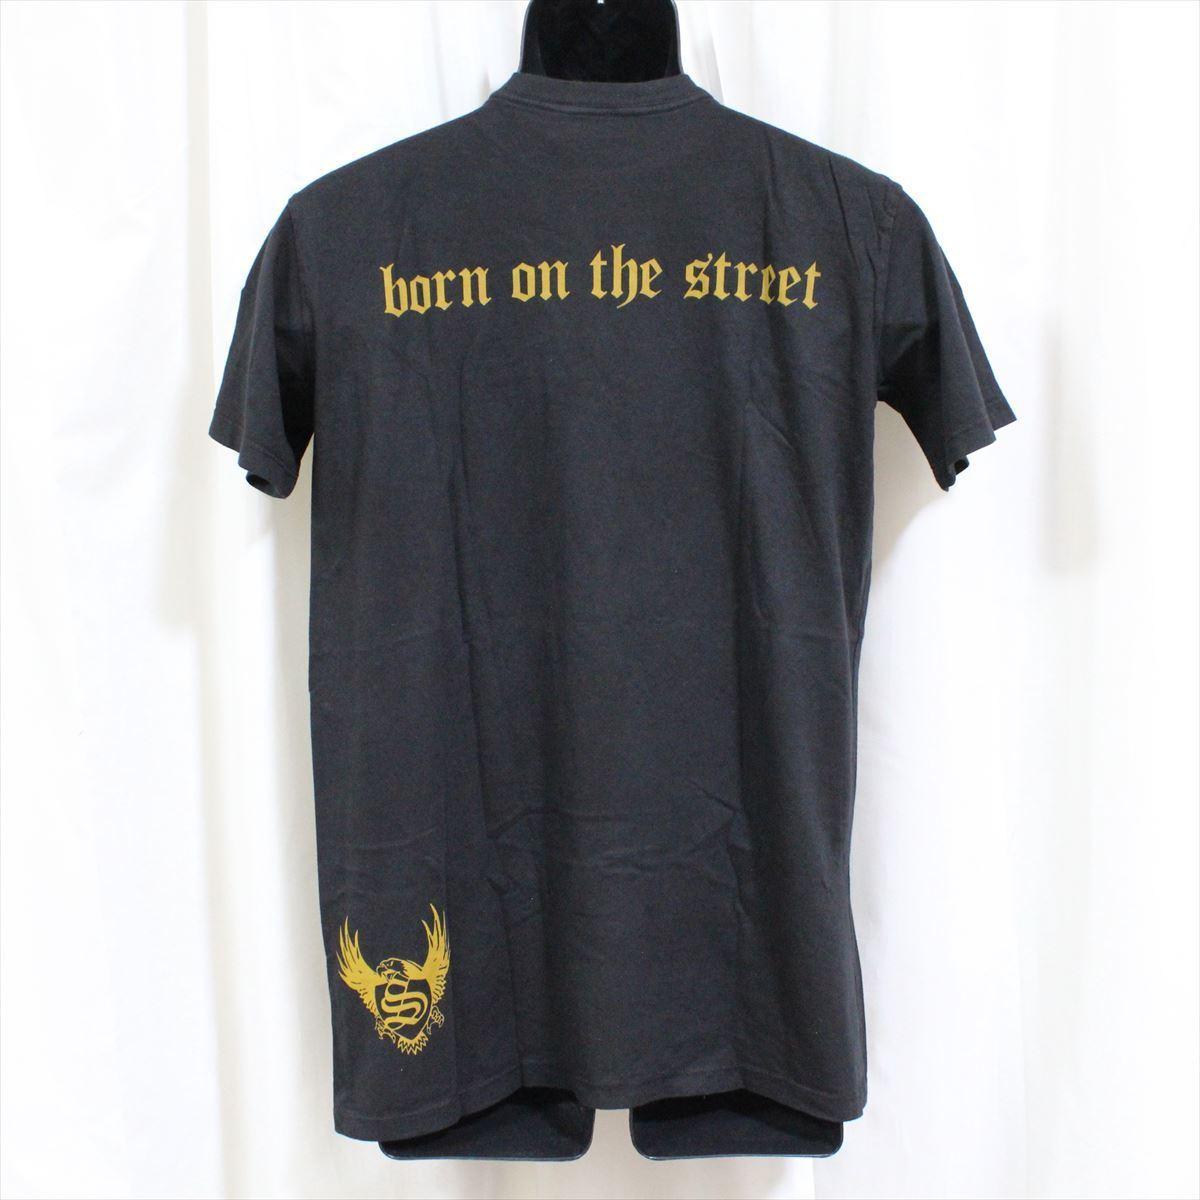 スメット SMET メンズ半袖Tシャツ Mサイズ ブラック NO6 新品 黒_画像4